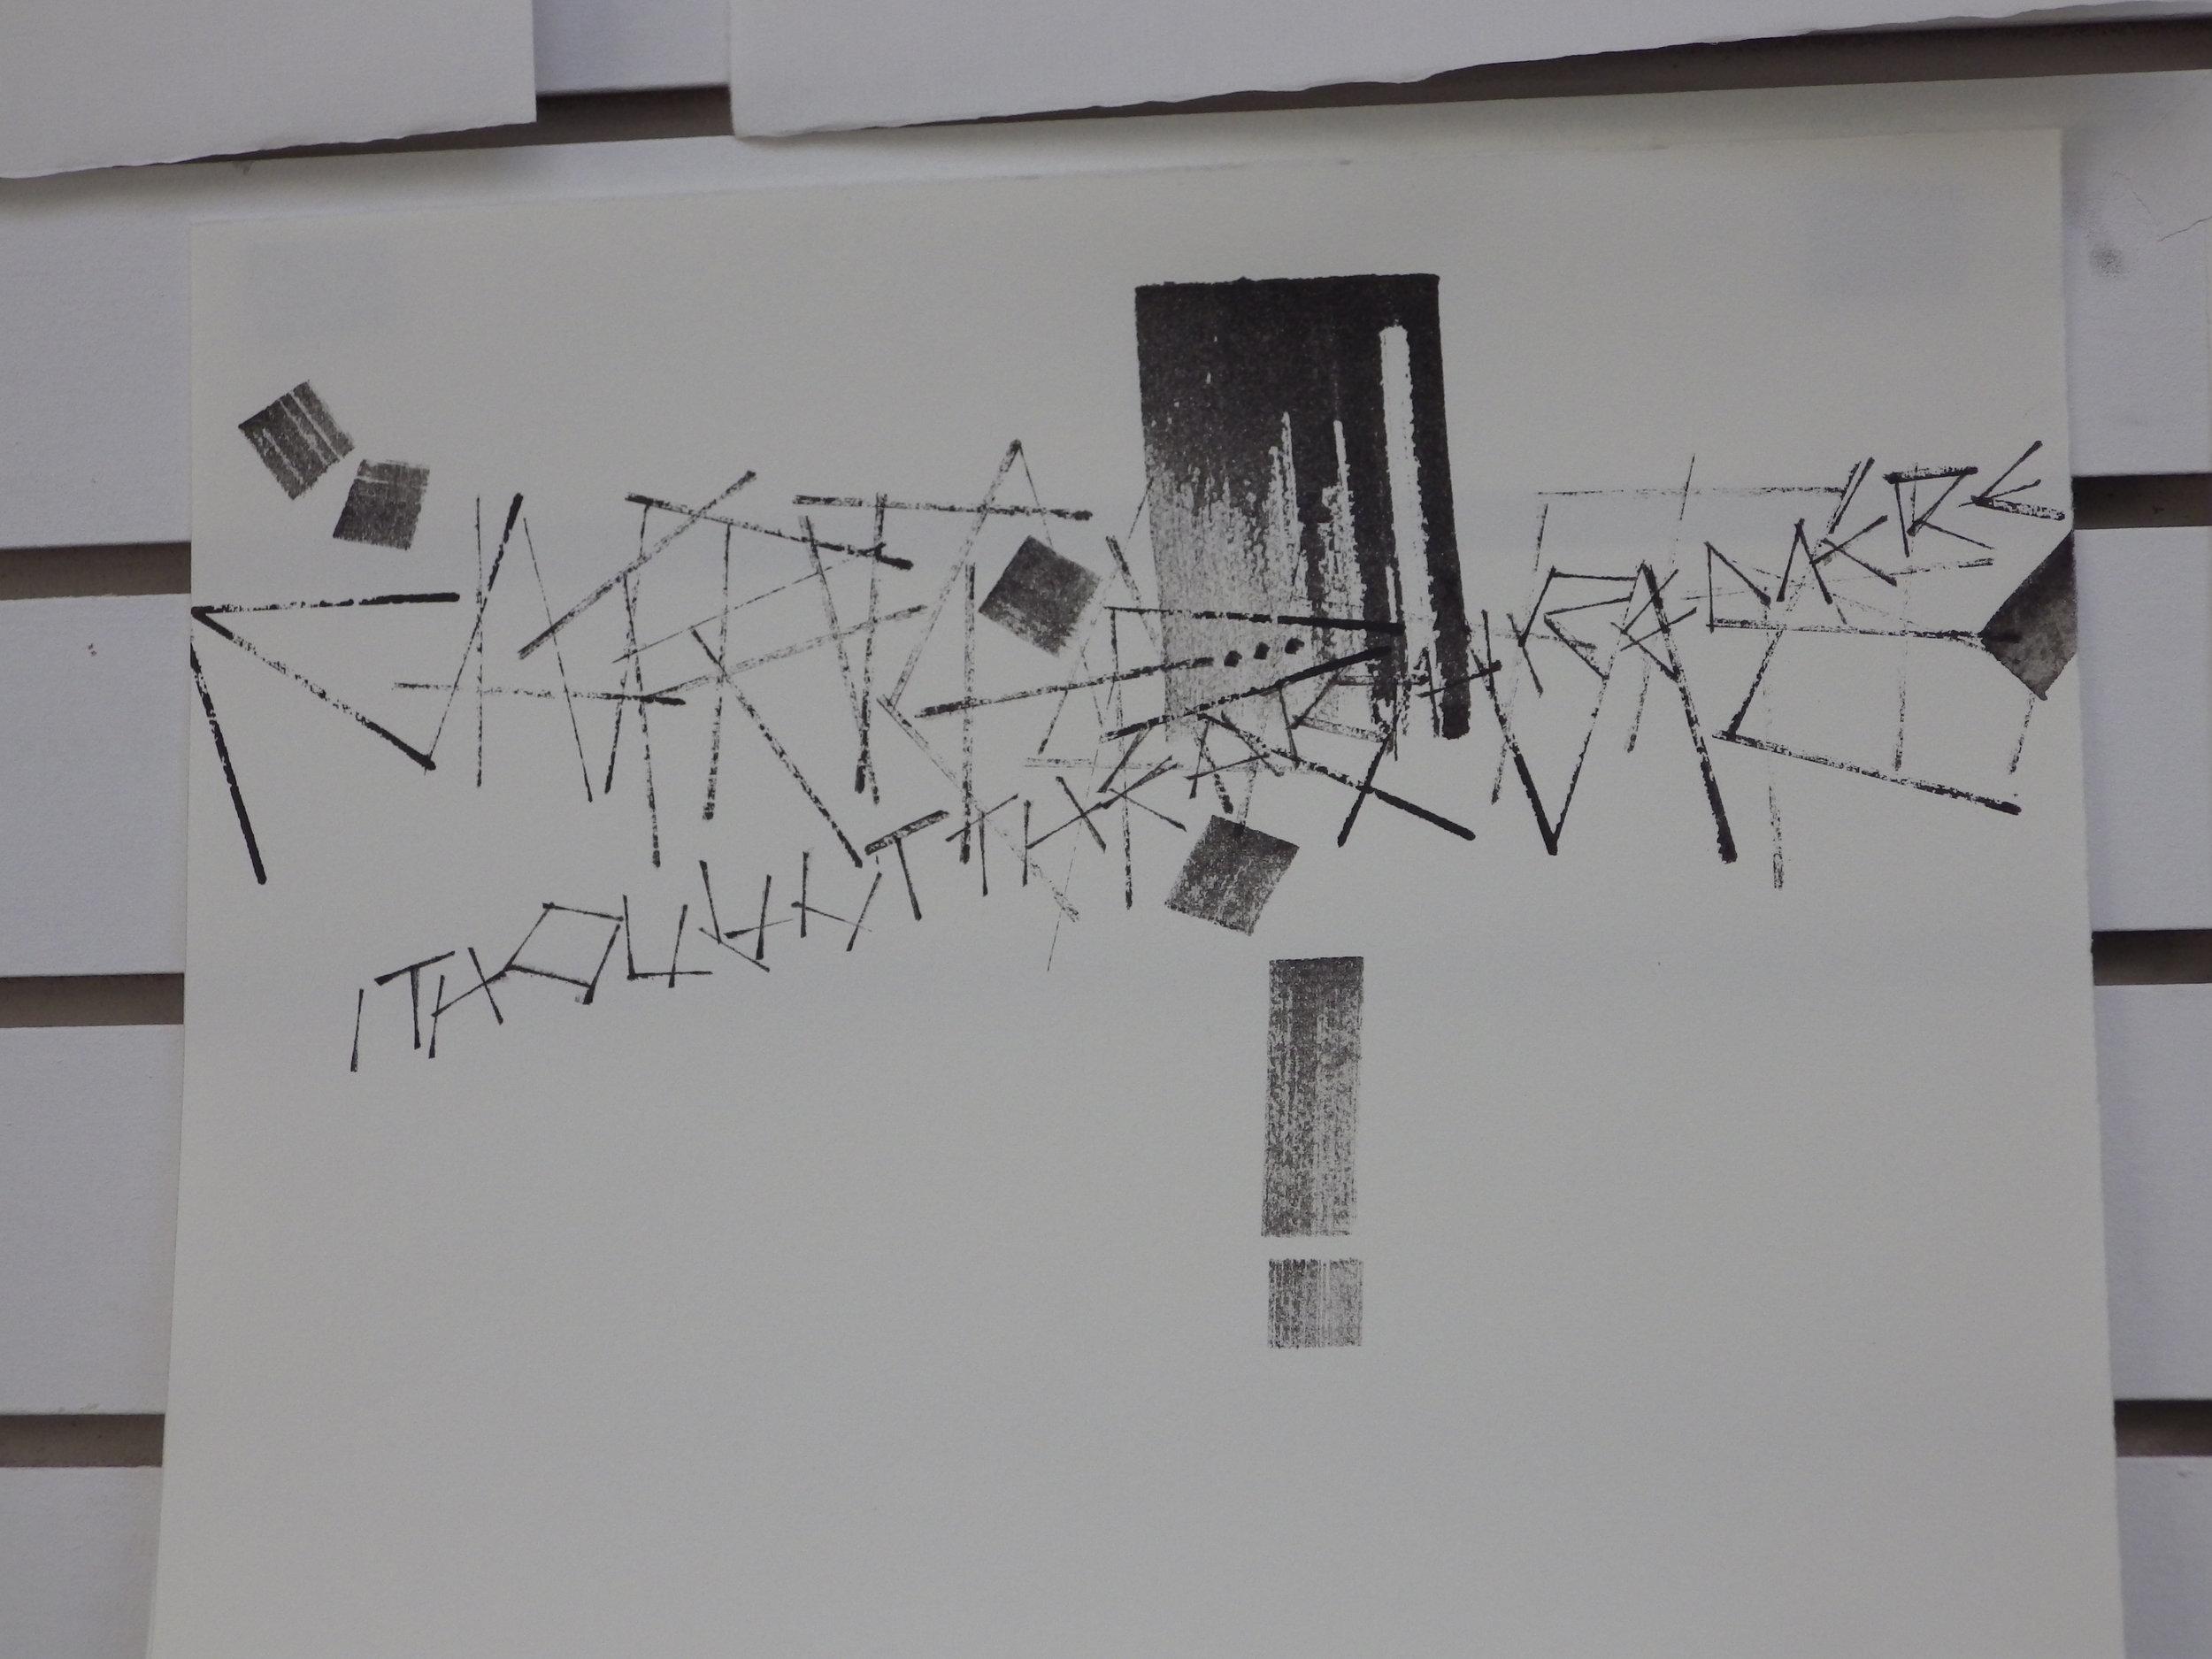 18wrk10-classwork-13.JPG